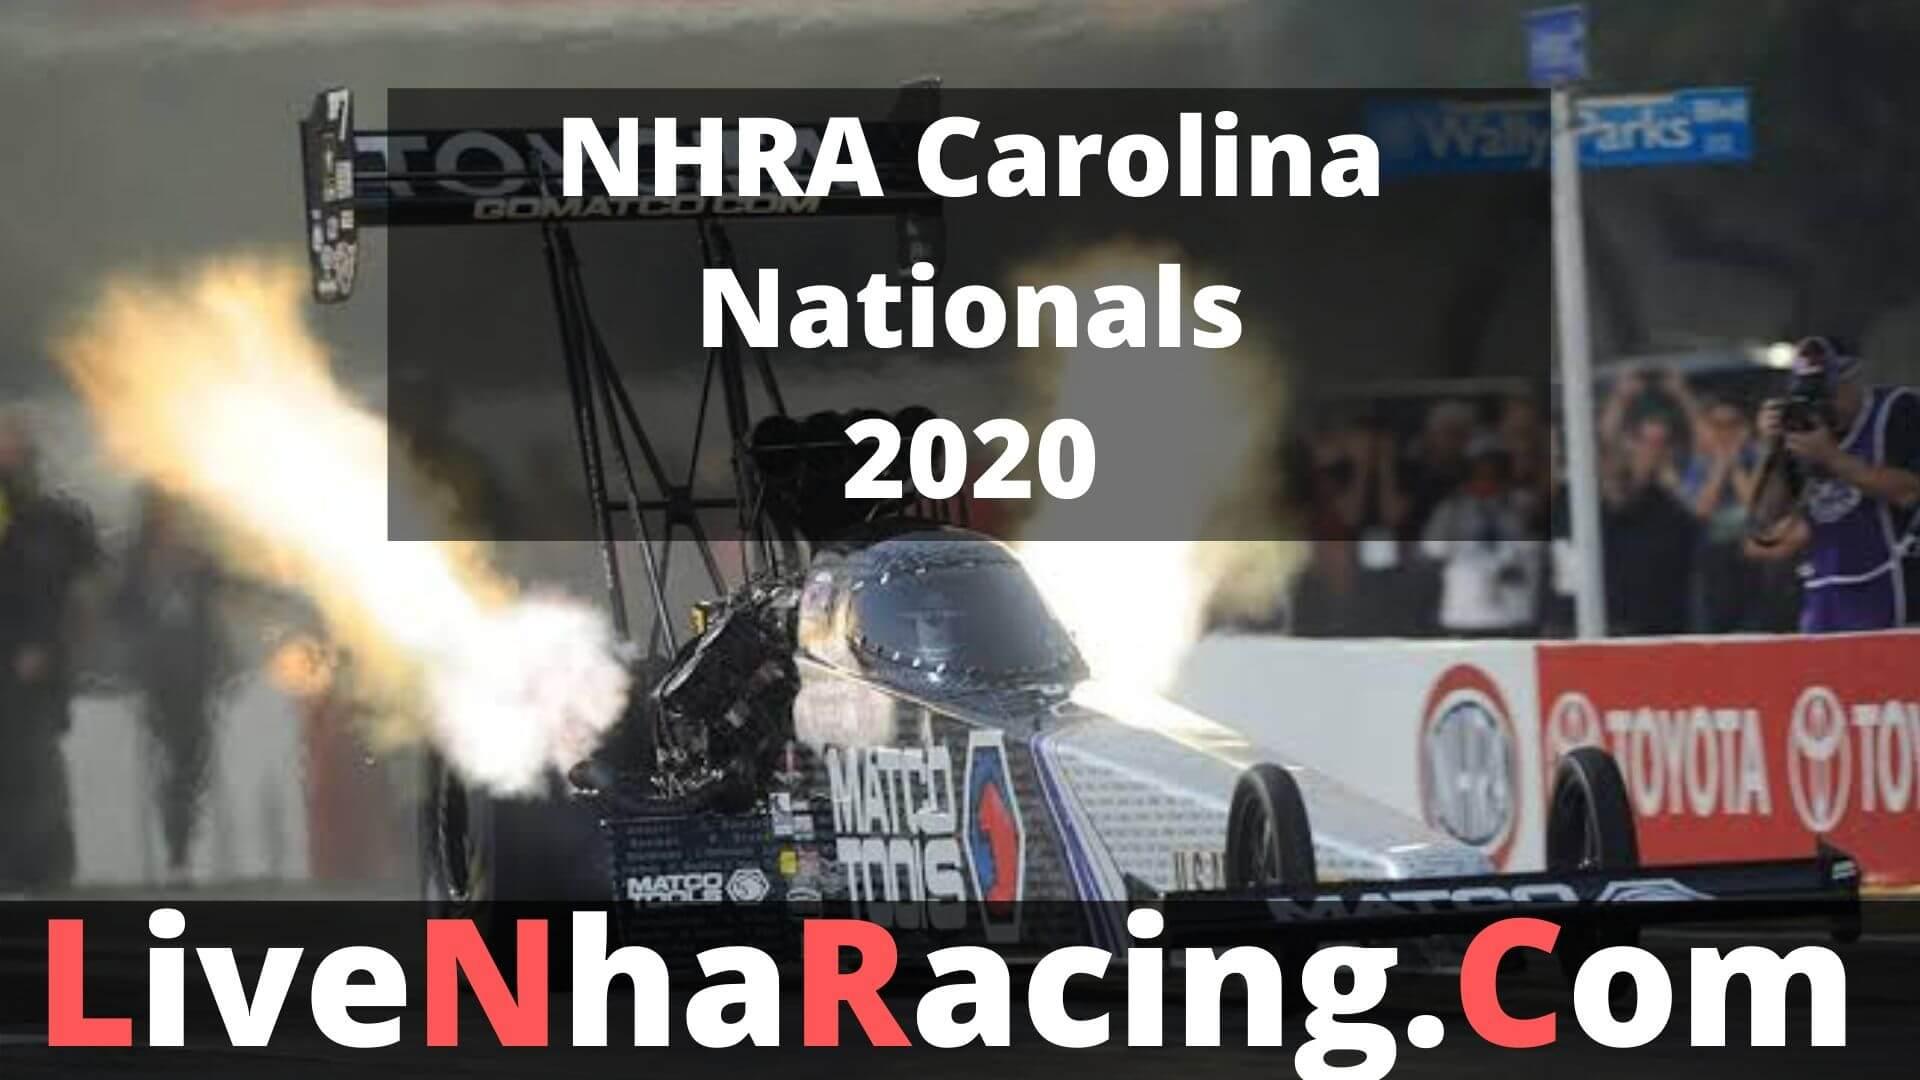 NHRA Carolina Nationals - Finals Live Stream